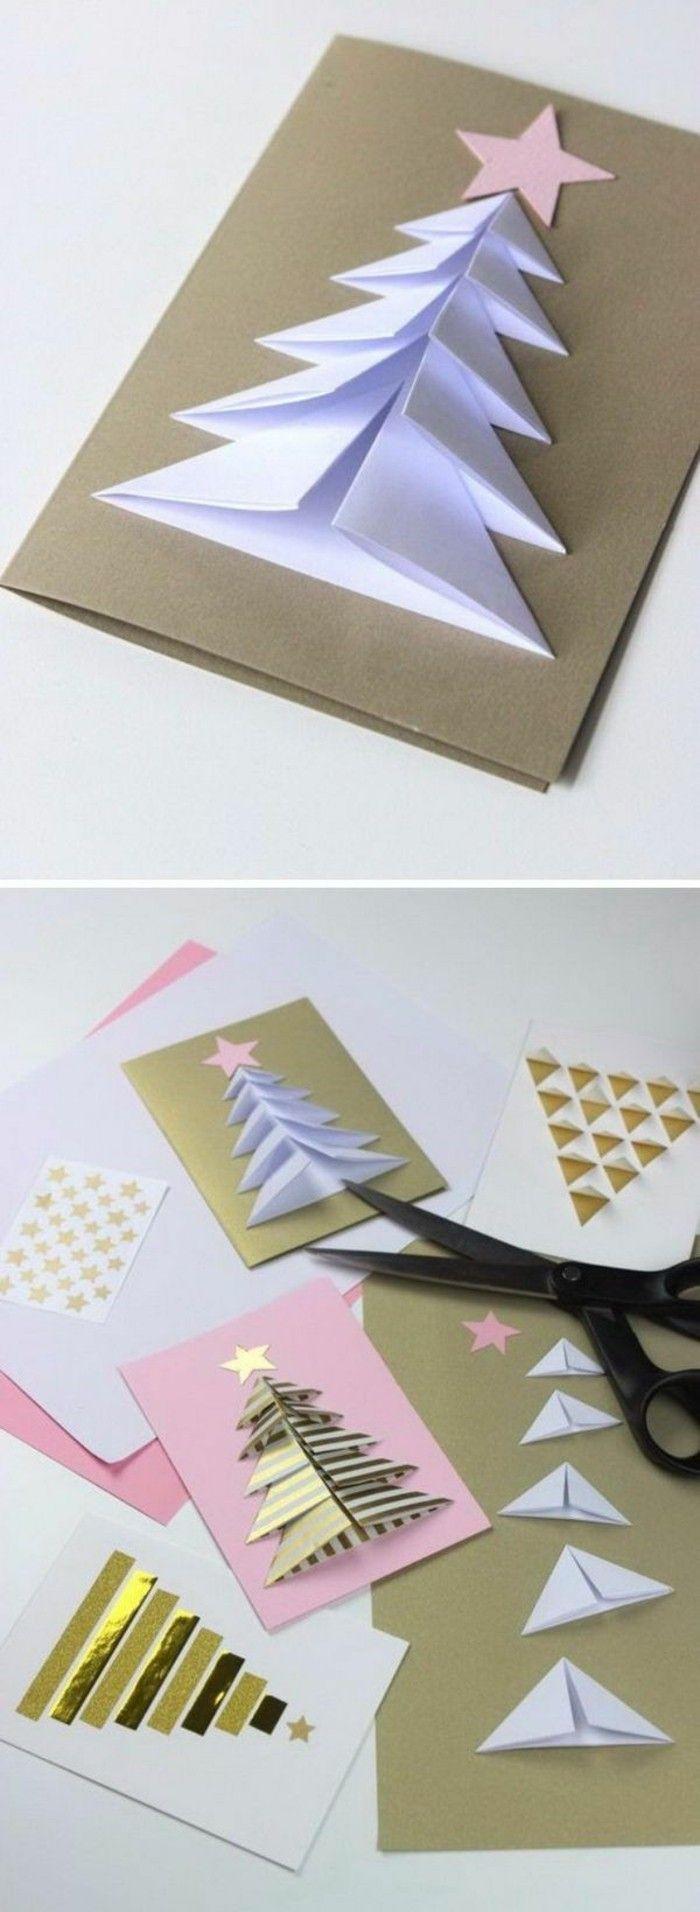 Basteln für Weihnachten- 42 tolle Ideen mit Anleitung für DIY Geschenke und Dekoration